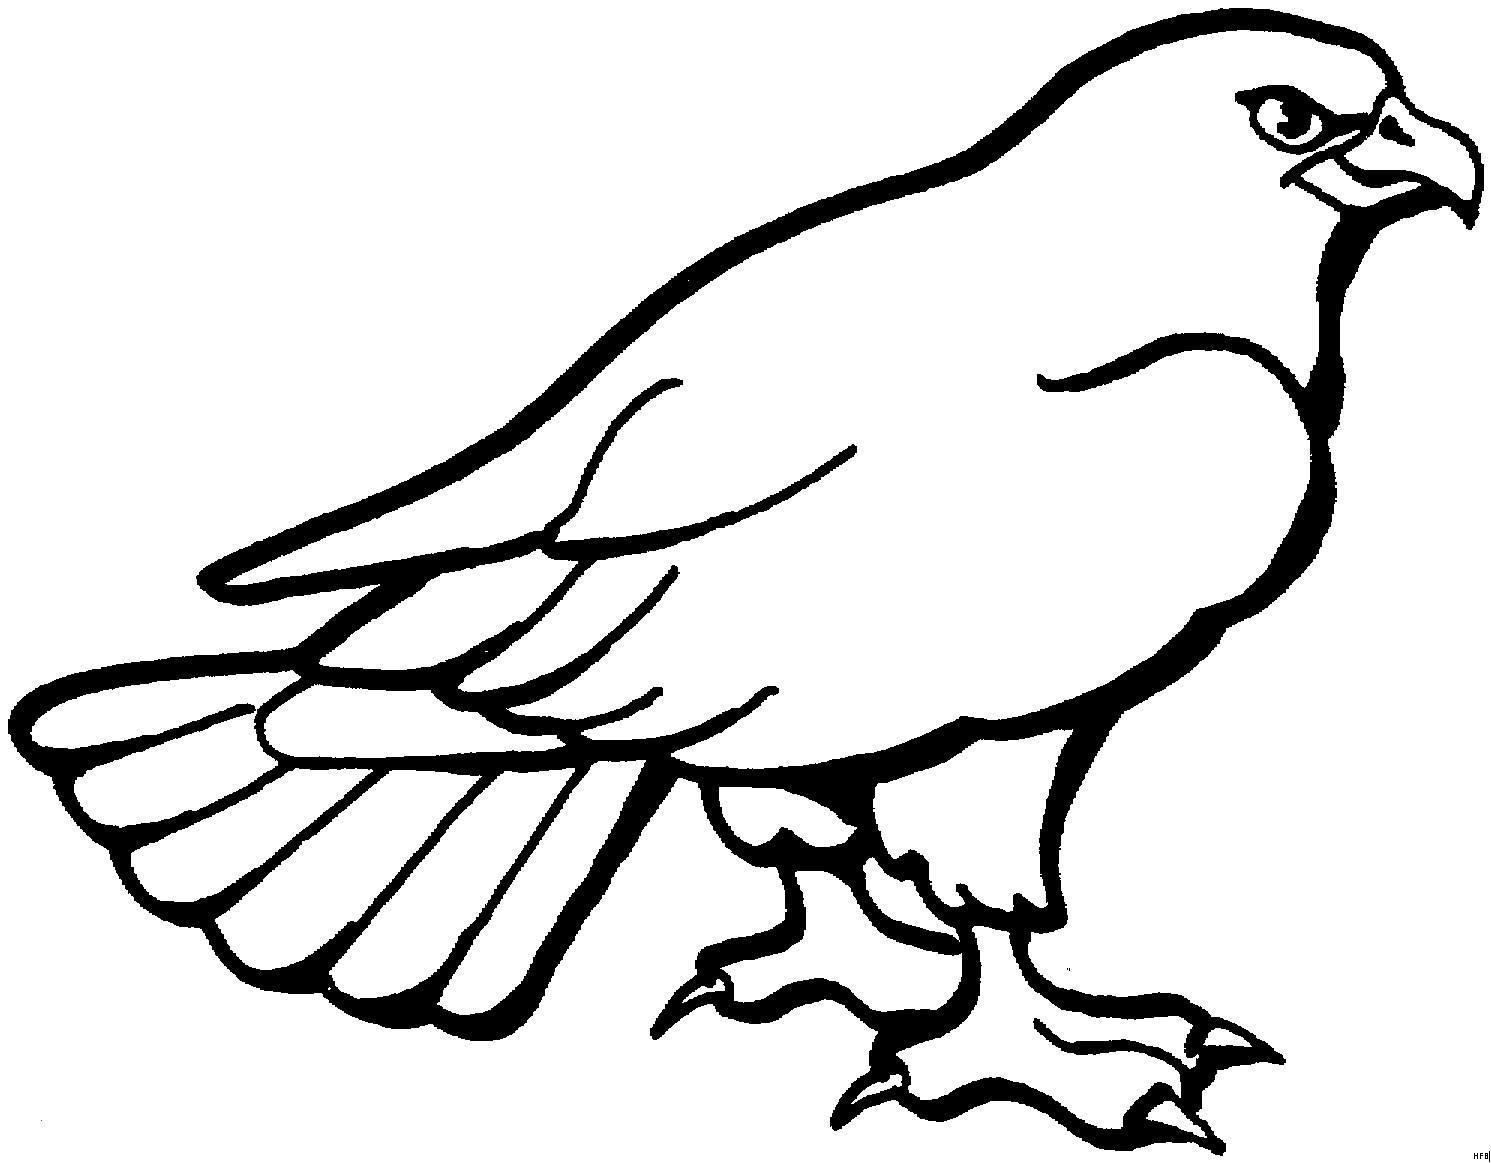 Adler Zeichnungen Zum Ausmalen Genial 44 Elegant Ausmalbilder Adler